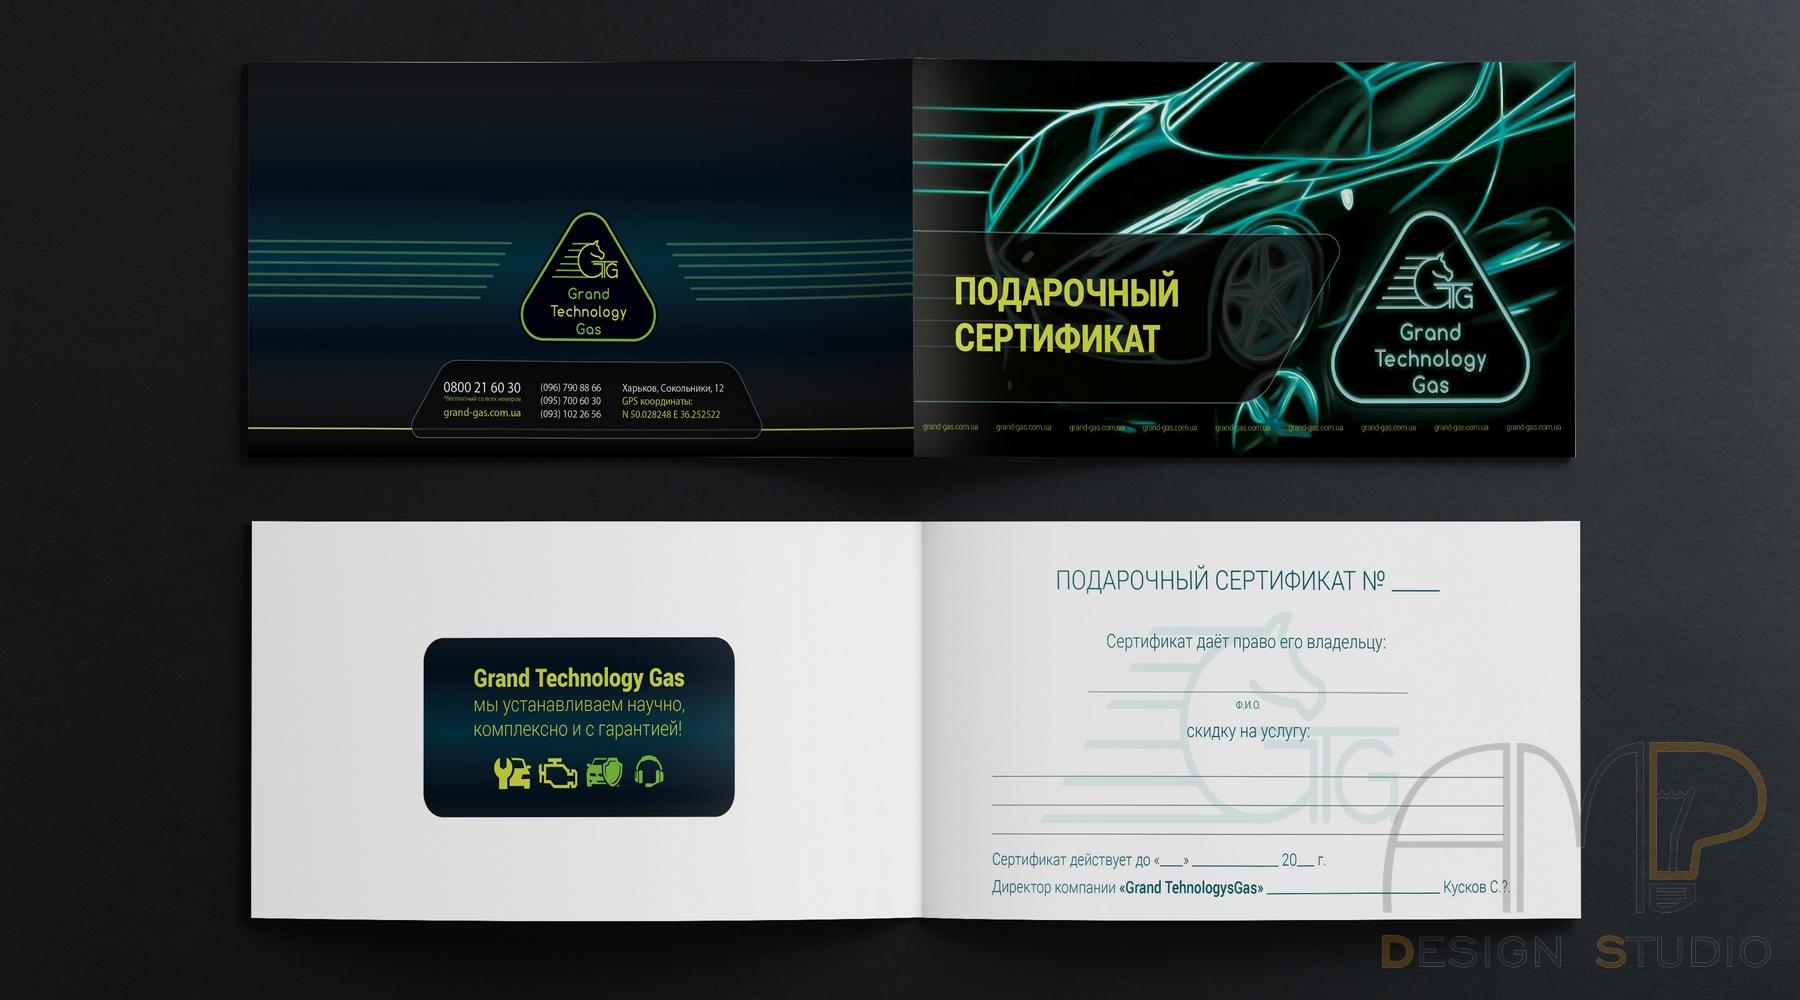 gtg-sertifikat-2